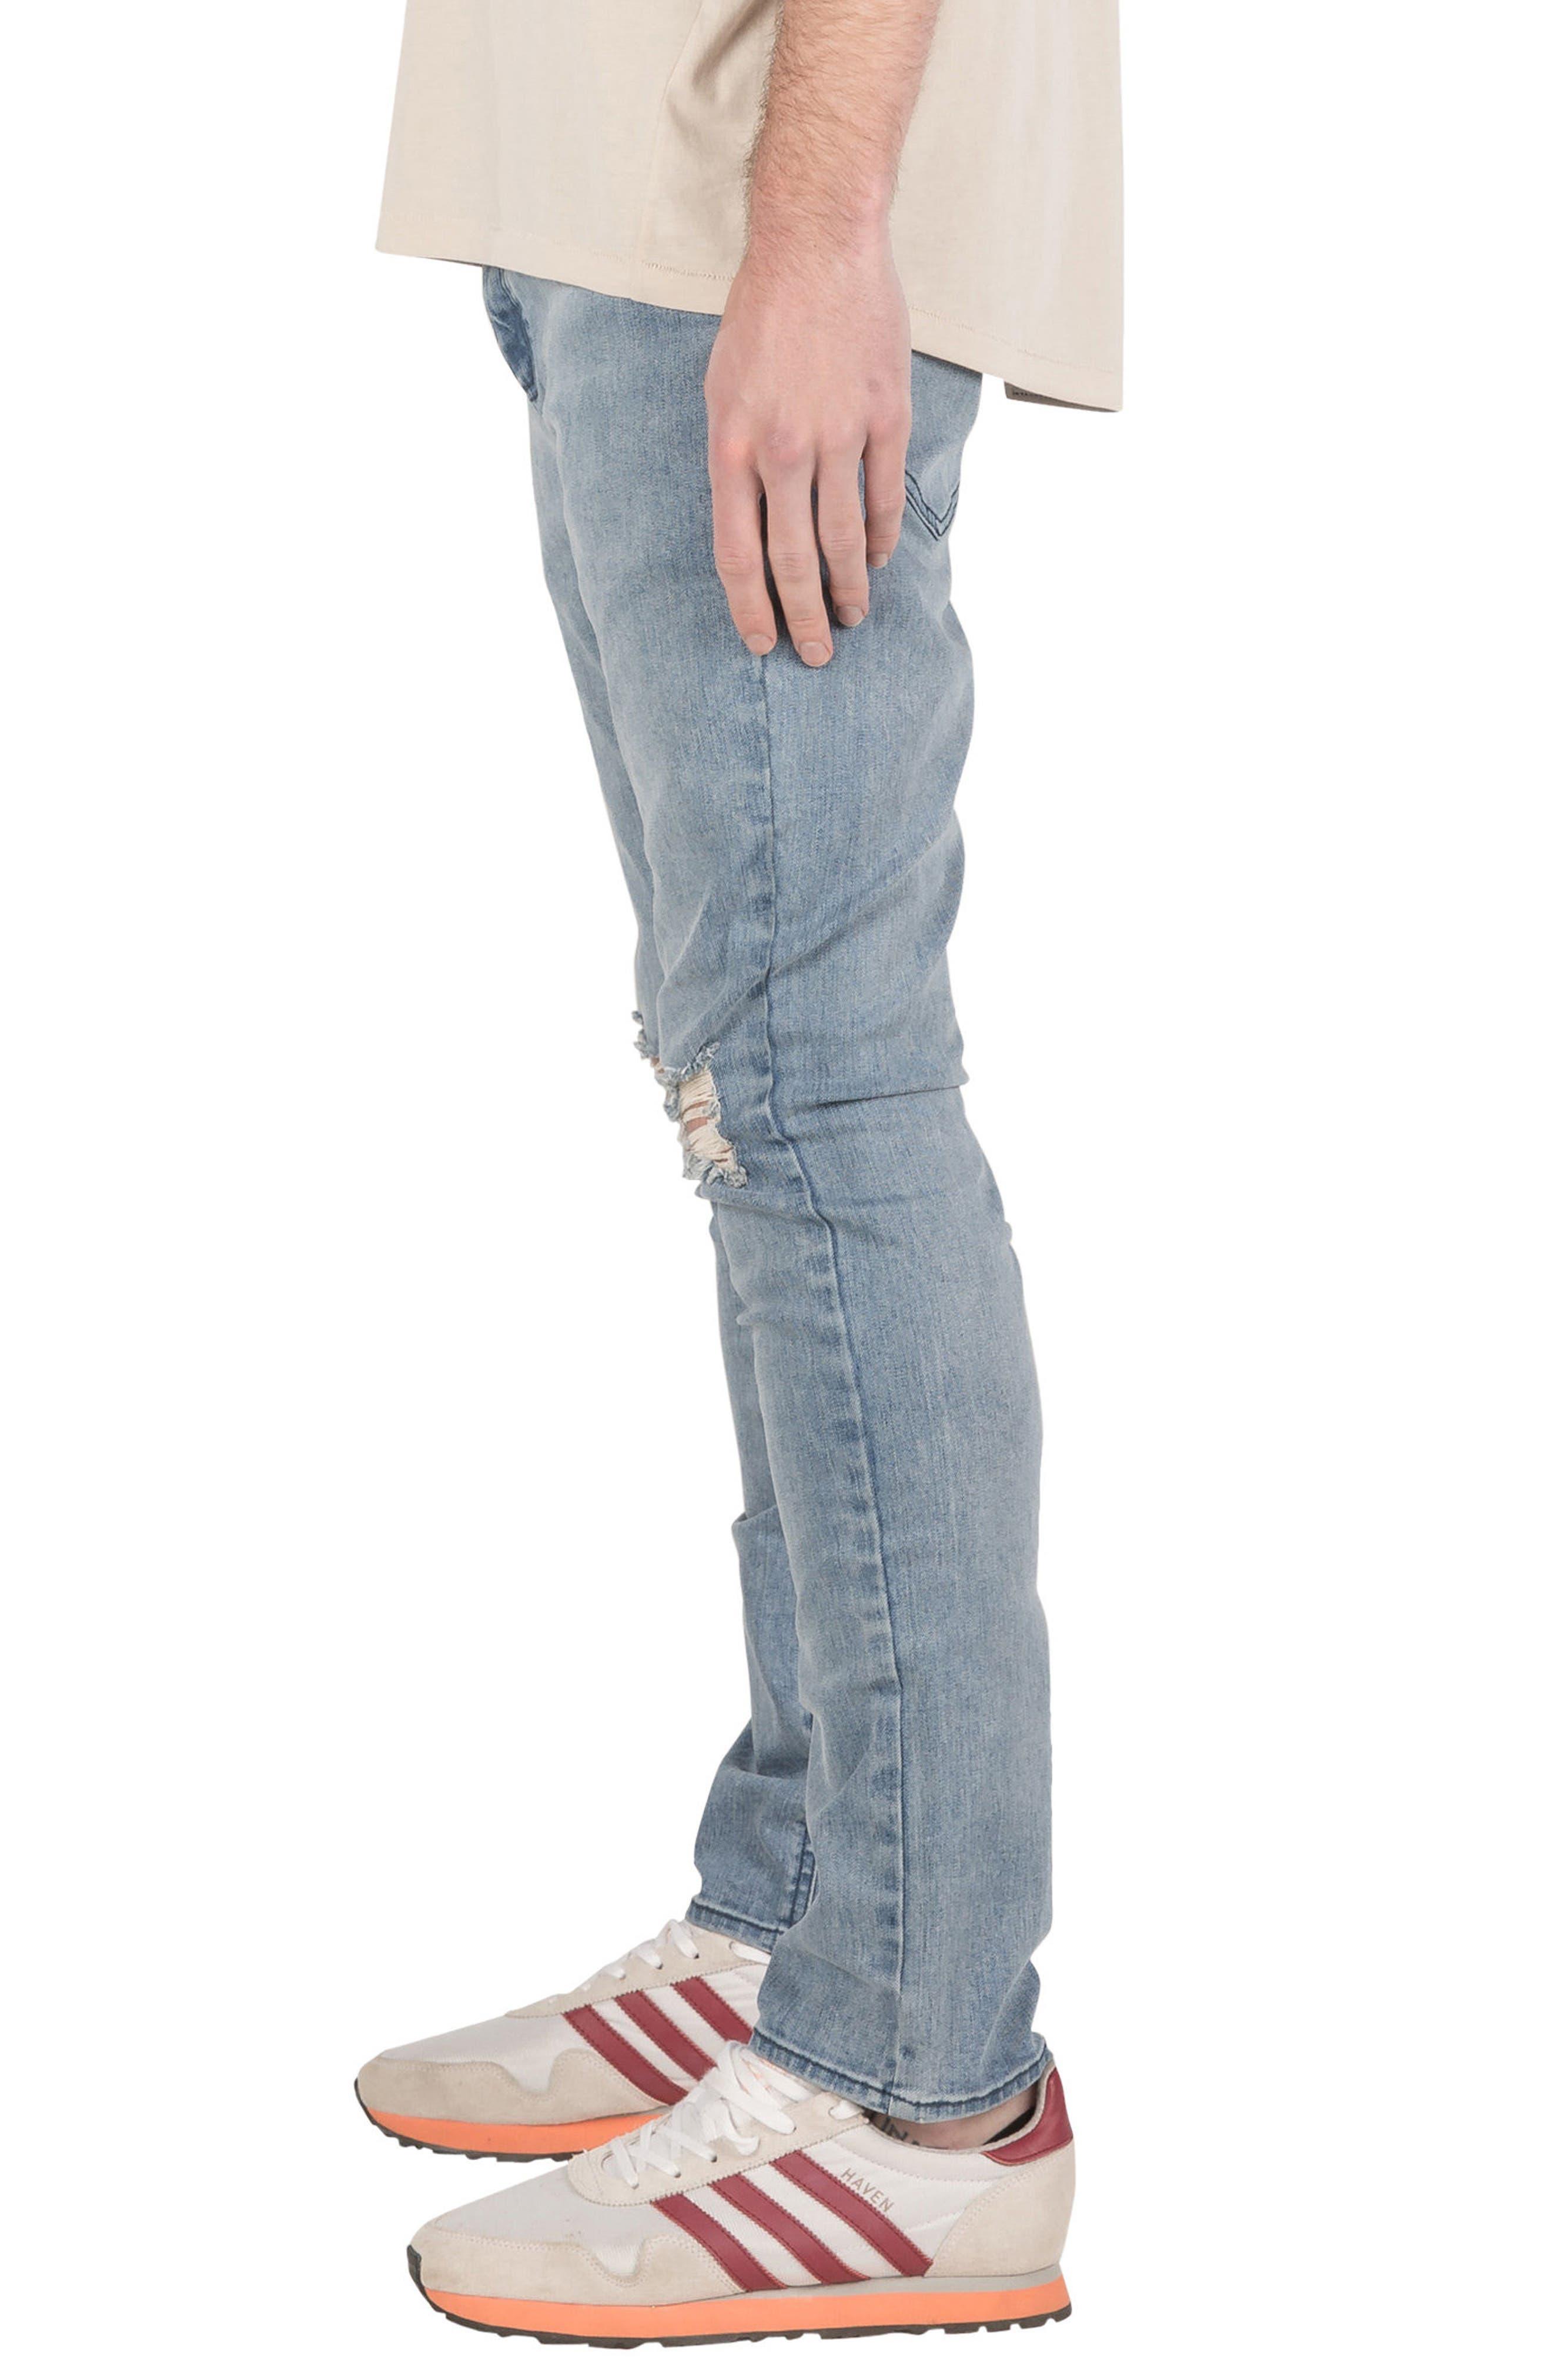 Joe Blow Destroyed Denim Jeans,                             Alternate thumbnail 3, color,                             420